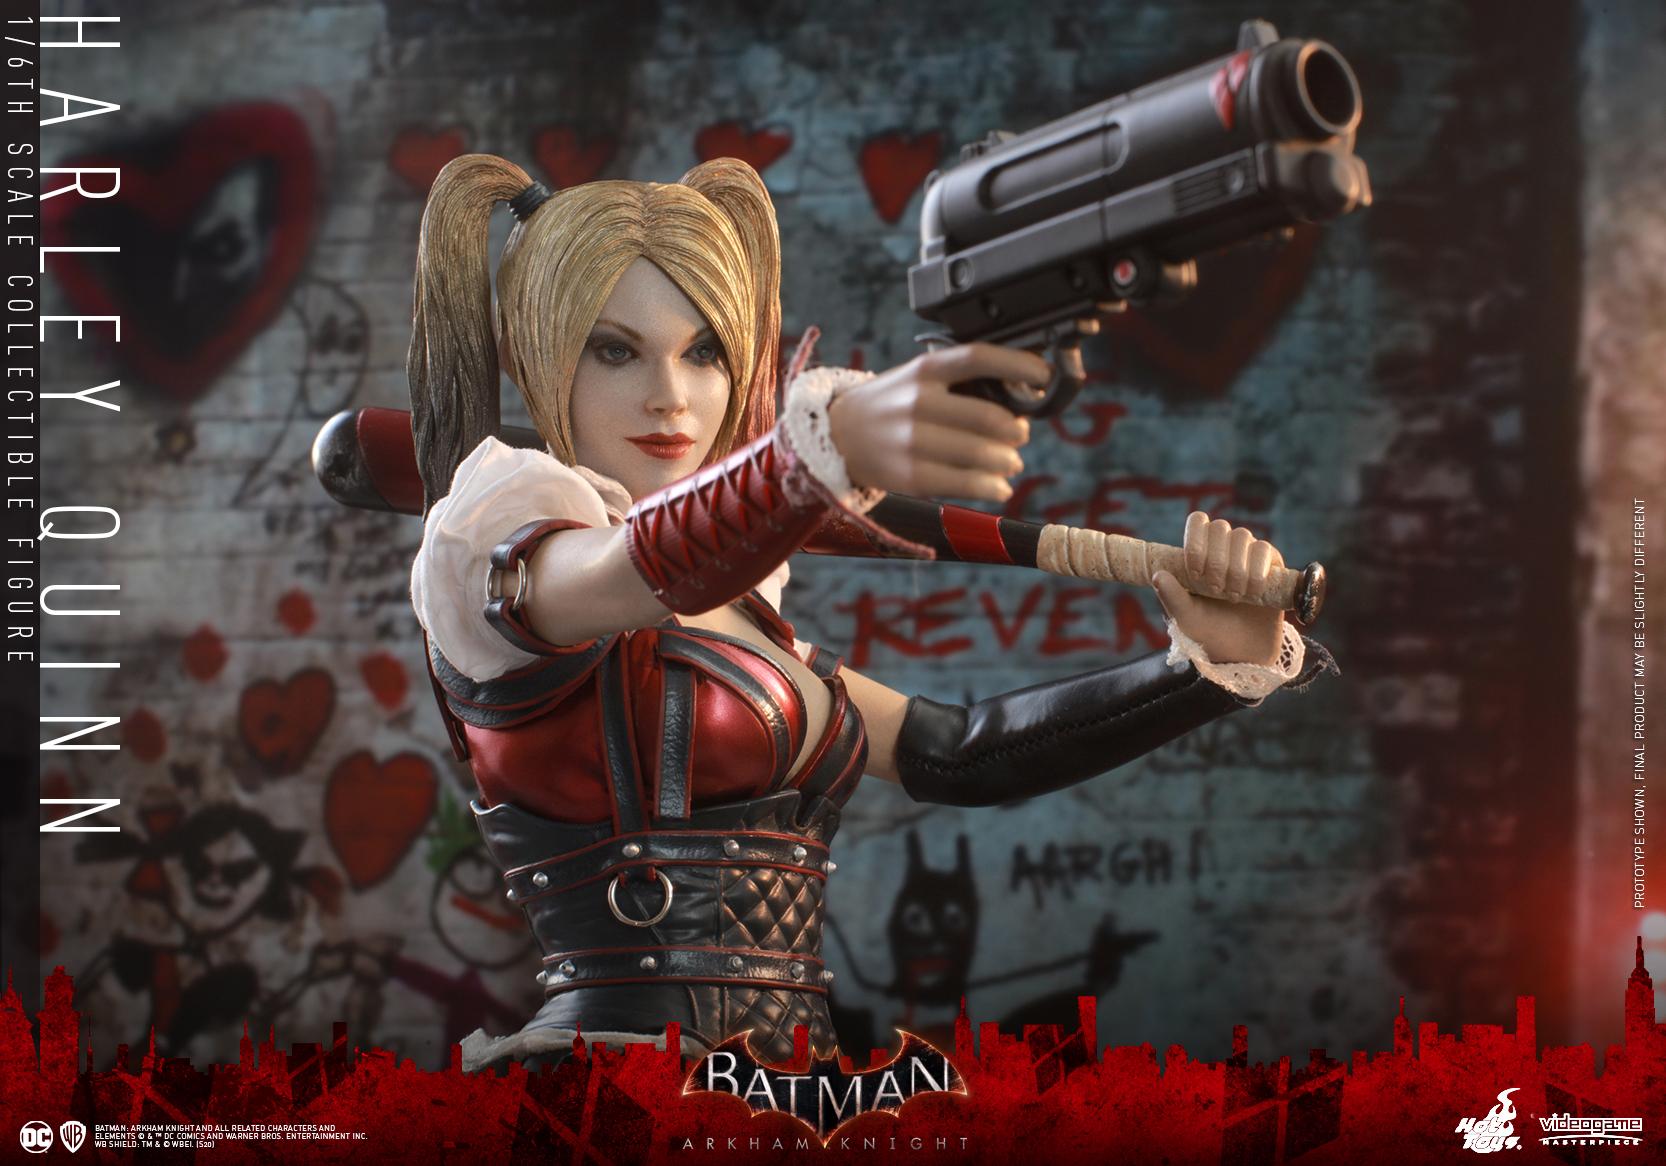 Hot Toys - Batman Arkham Knight - Harley Quinn - PR6